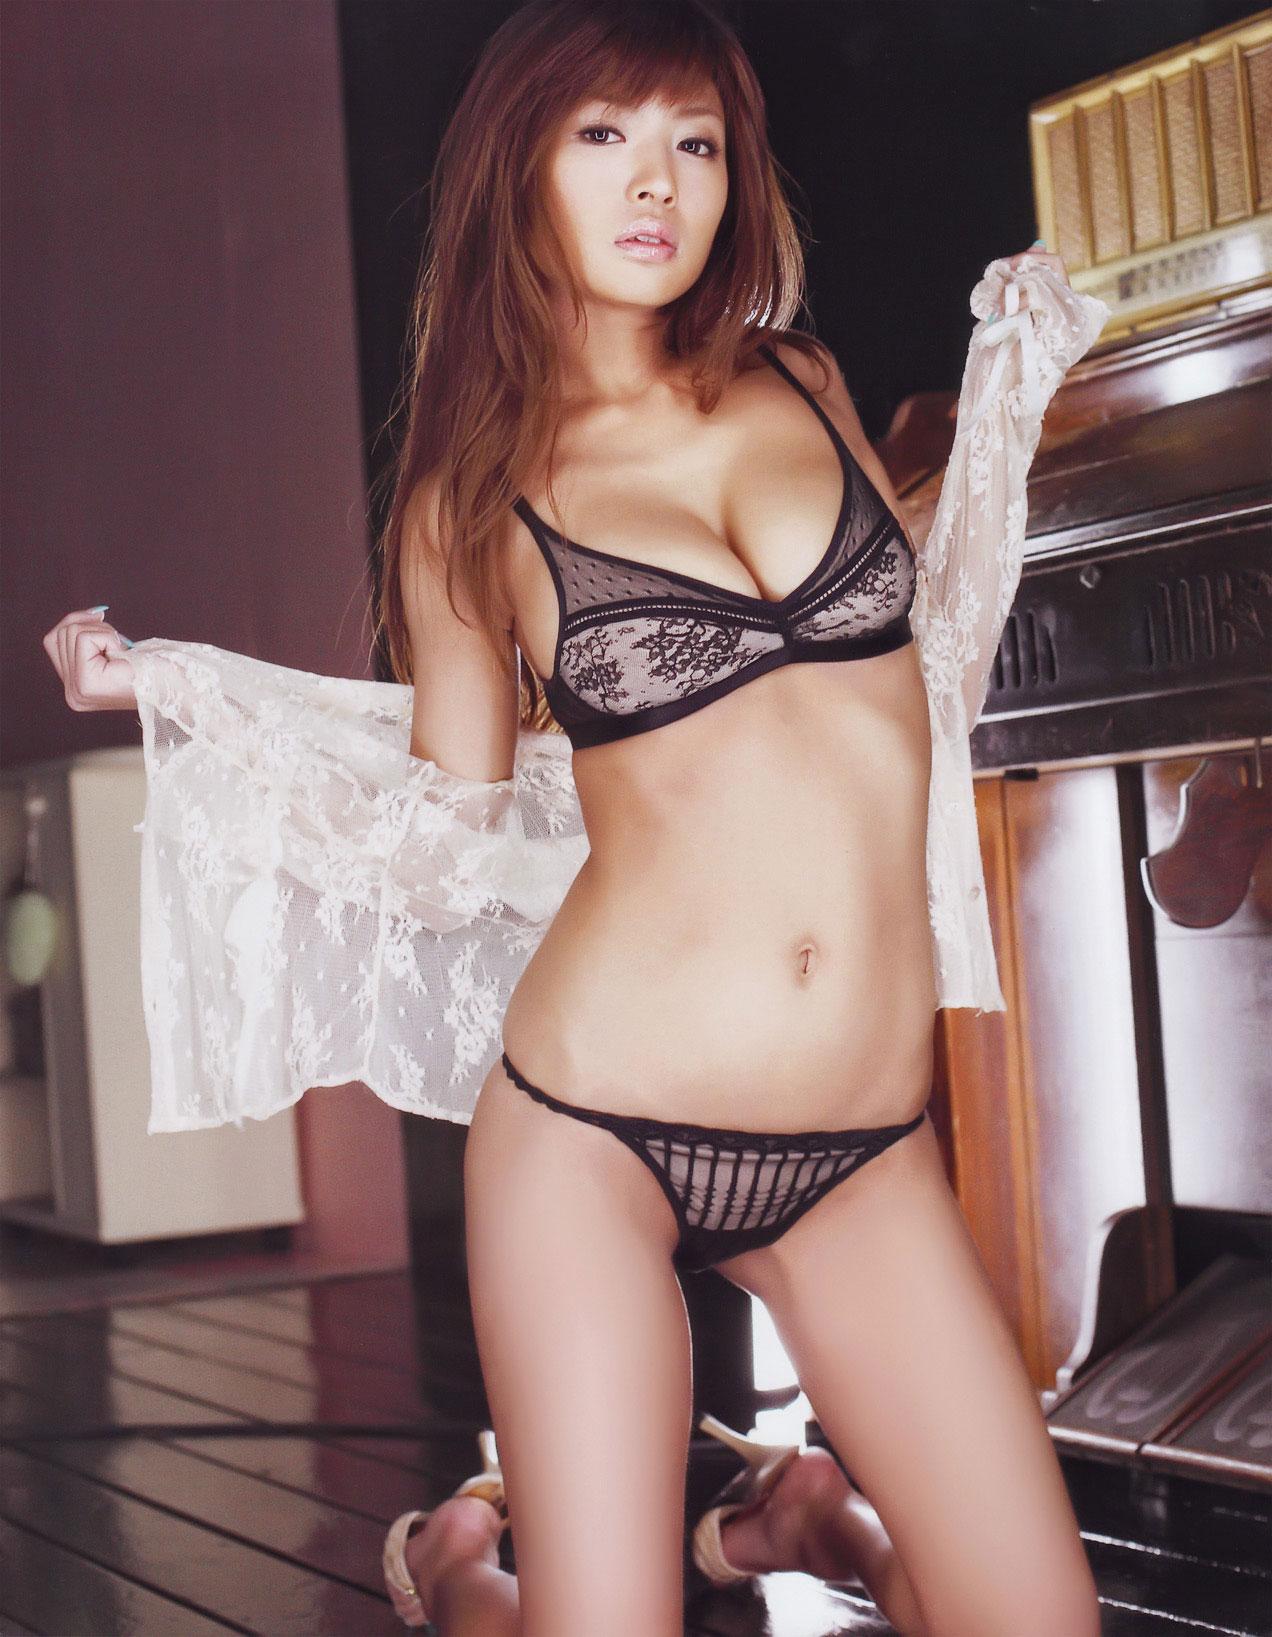 【おっぱい】セクシーさを求めているなら下着ヌードを見るのがおすすめ!【30枚】 21